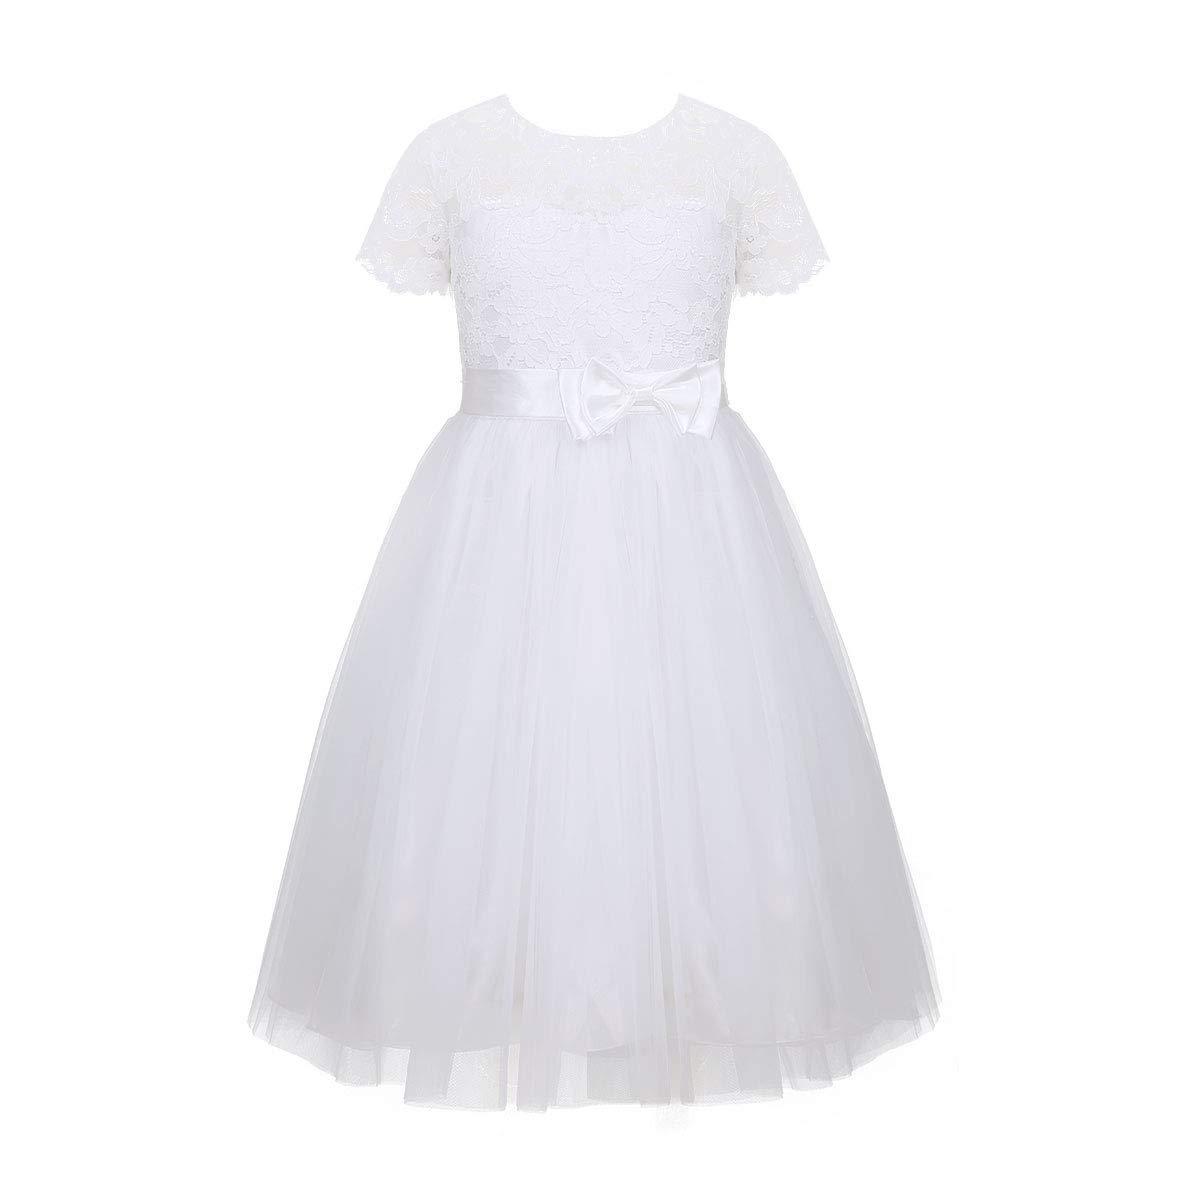 Blanc (Manches Courtes) 6-9 mois MJY Fille De Fleur De Mode Robes De Dentelle Enfants Coeur Retour Communion Baptême De Mariage Demoiselle D'honneur Robe De Fête,Blanc avec ceinture,9-10 ans